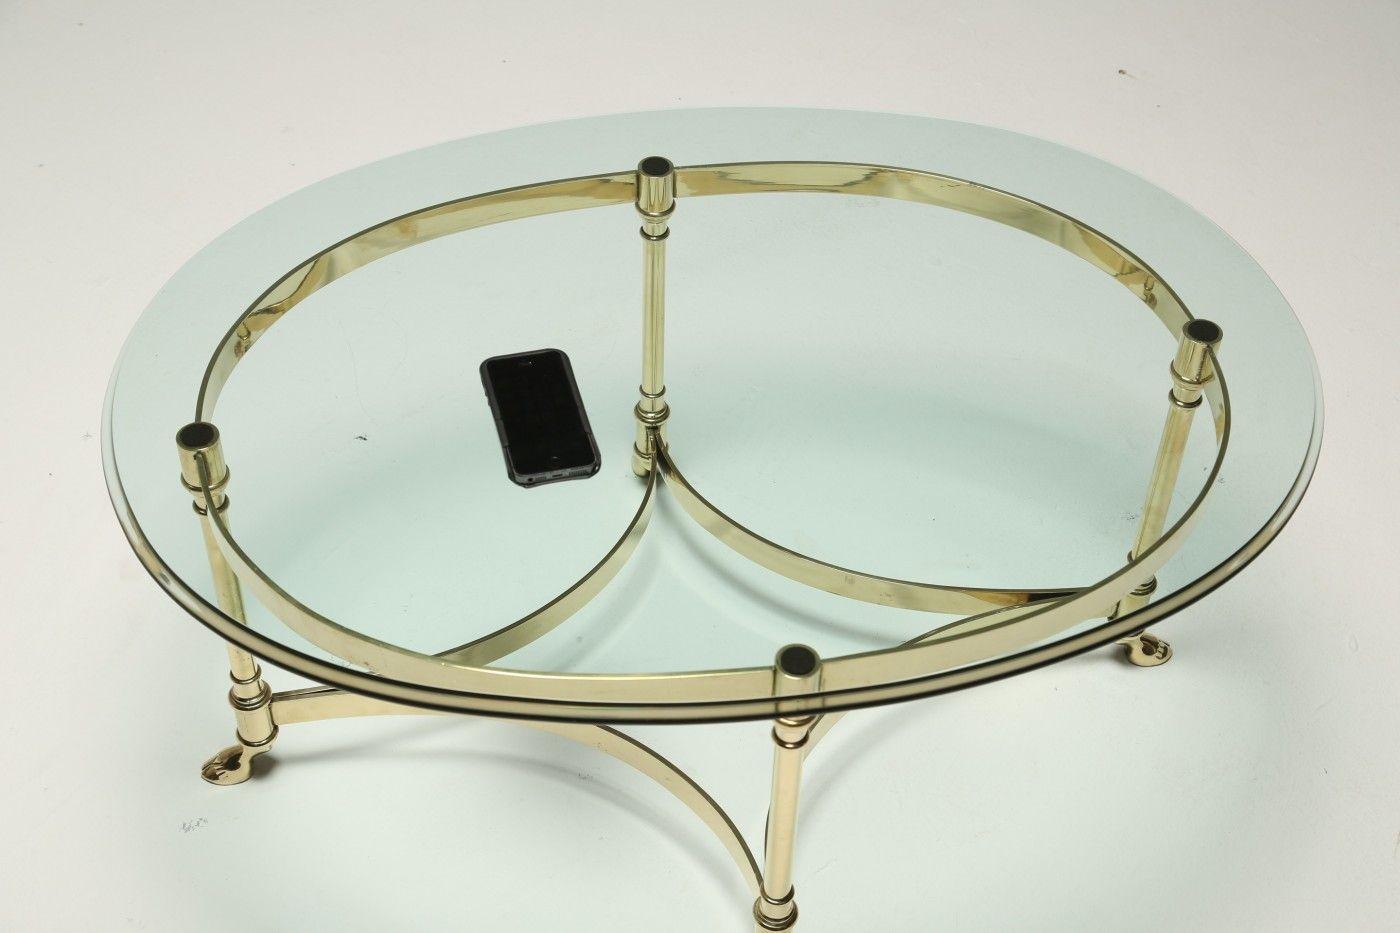 vintage glas couchtisch mit messing gestell von labarge bei pamono kaufen. Black Bedroom Furniture Sets. Home Design Ideas